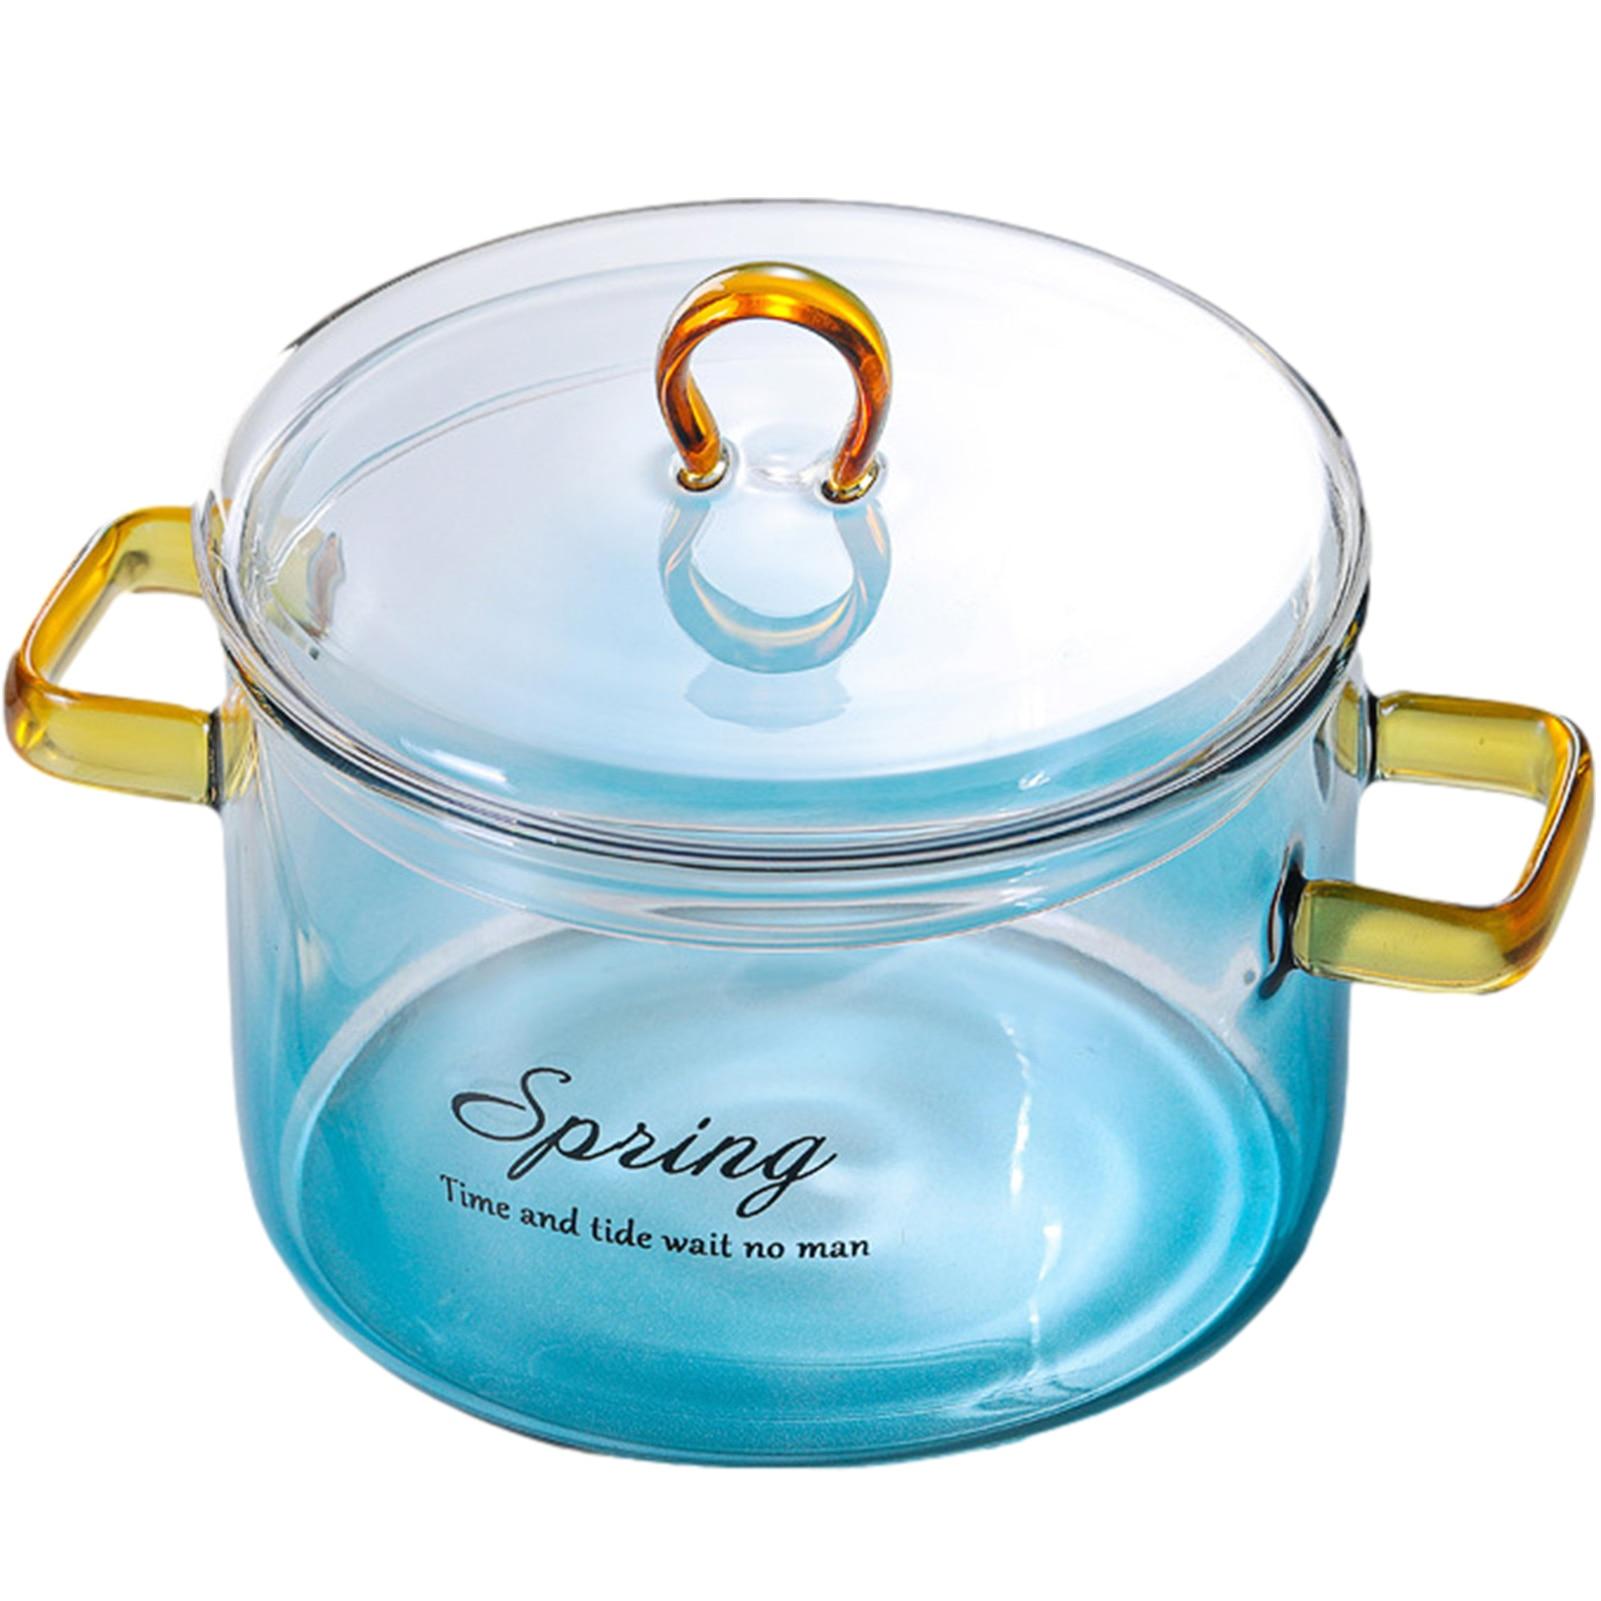 وعاء زجاجي مع غطاء مقاوم للحرارة وعاء خزفي طبق من الزجاج المعكرونة إناء للحساء حليب الطفل سلامة الغذاء